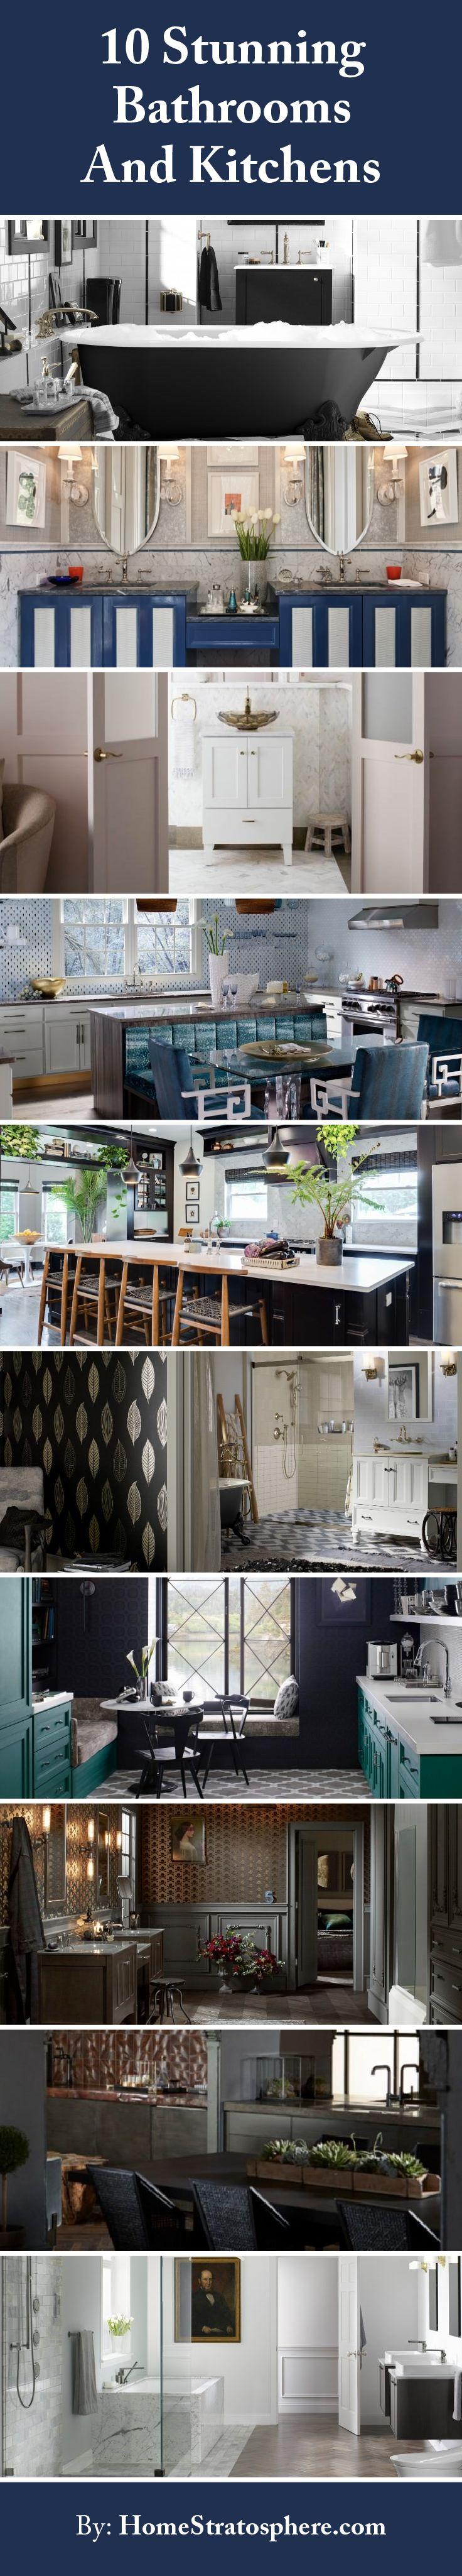 3644 best kitchen ideas images on pinterest kitchen for Kitchen design 8 x 16